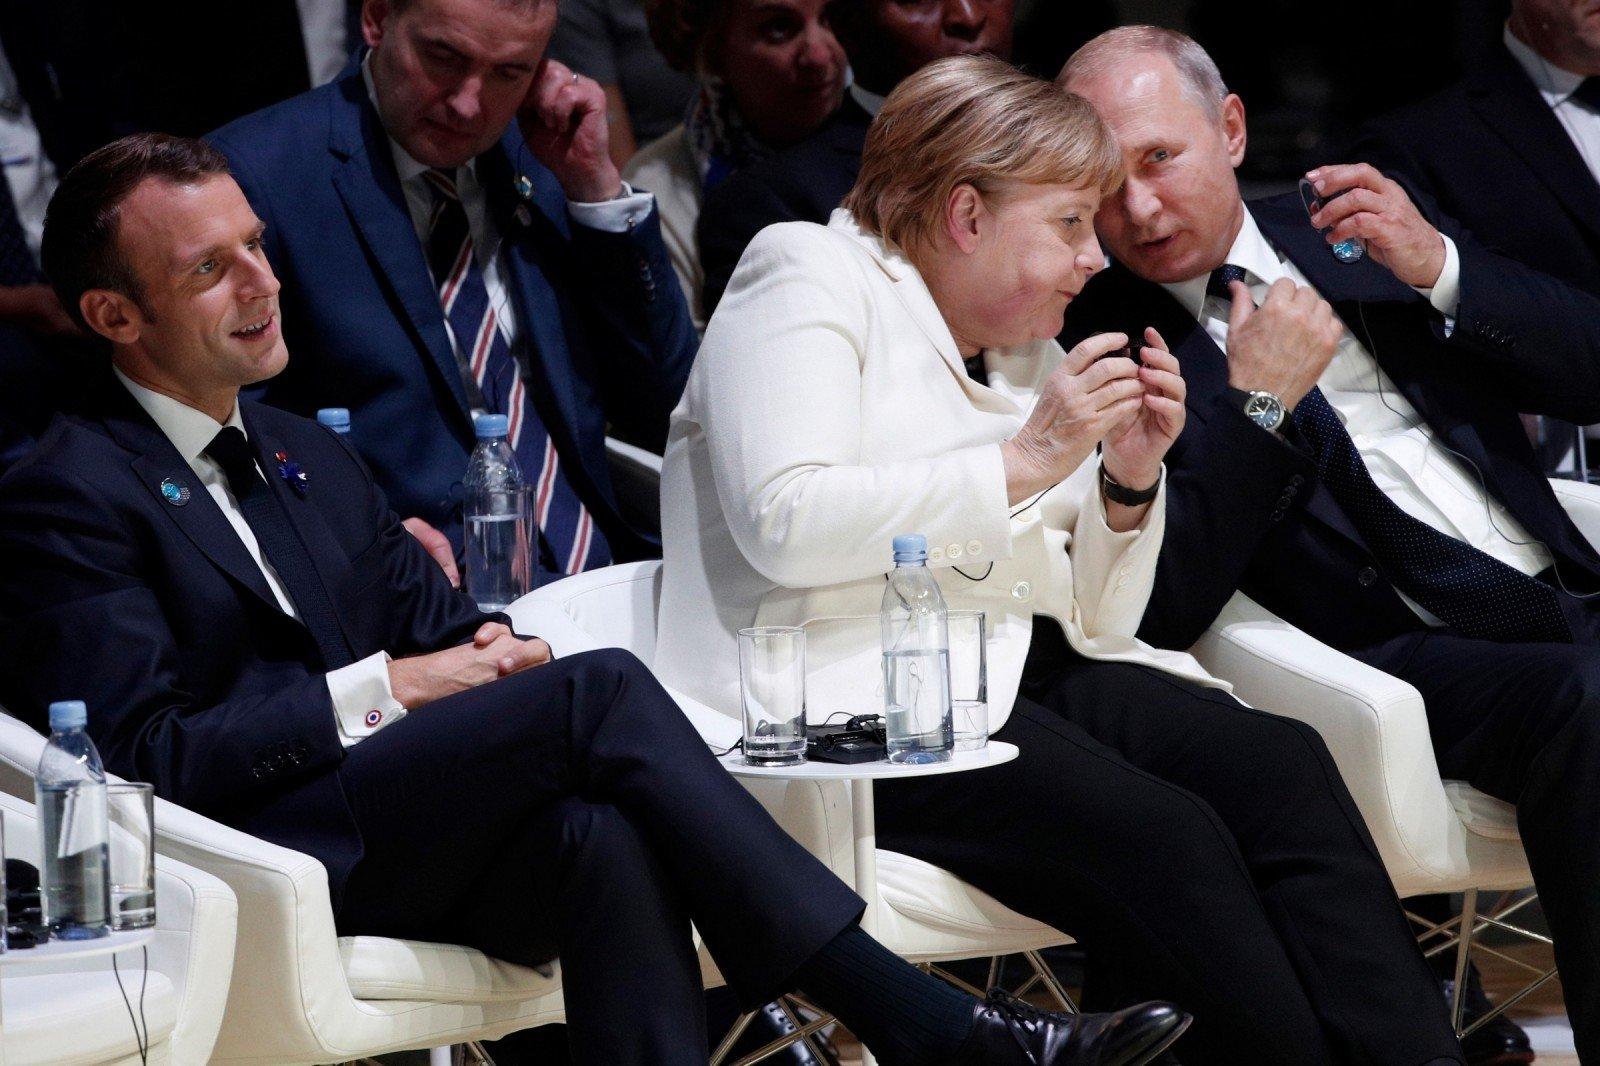 """СМИ: пресс-конференция Путина по итогам встречи """"нормандской четверки"""" может пройти в аэропорту"""